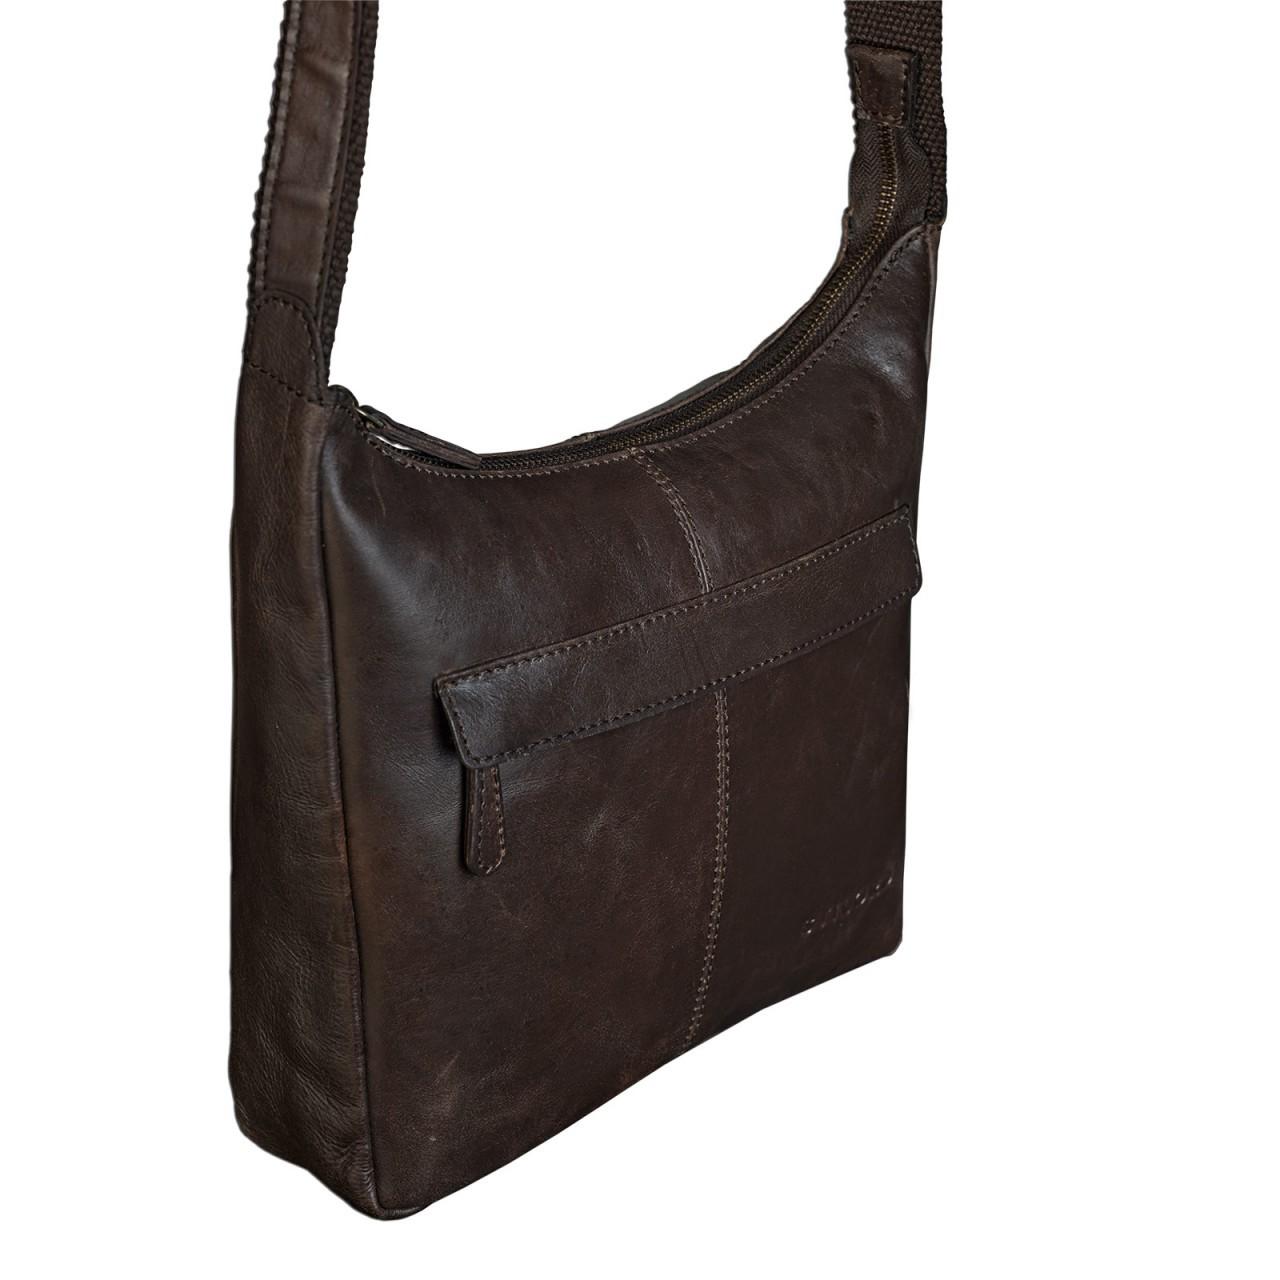 stilord dunkelbraune vintage umh ngetasche f r damen handtasche ledertasche aus weichem. Black Bedroom Furniture Sets. Home Design Ideas